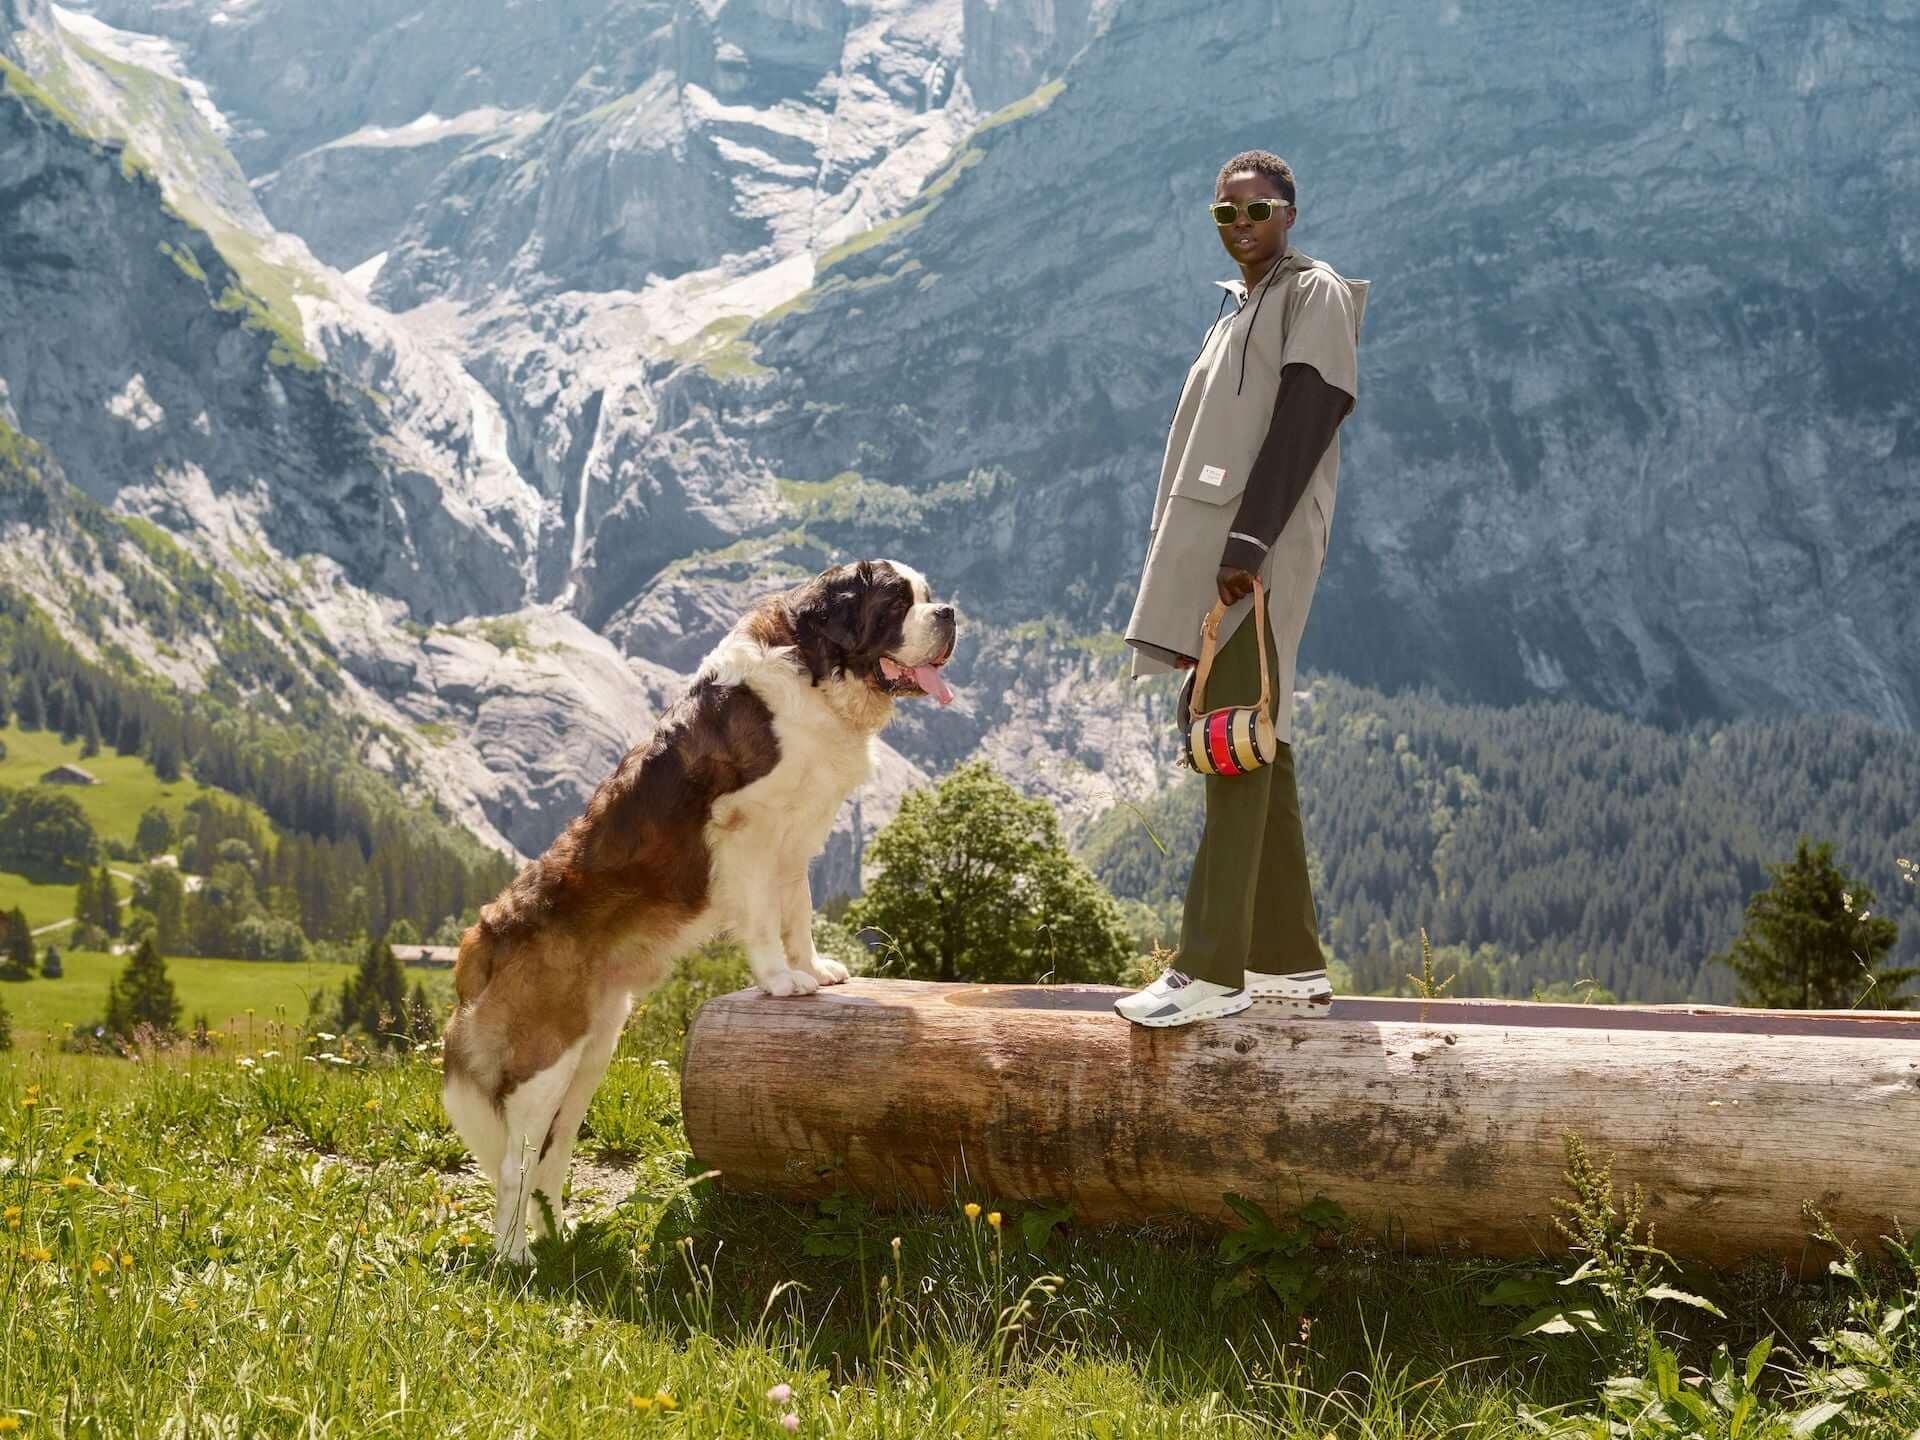 スイス発ブランド「On」が世界600着限定のハイエンドジャケットを発売!環境に配慮したオーガニックコットンを使用 lf201015_on-jacket_7-1920x1440